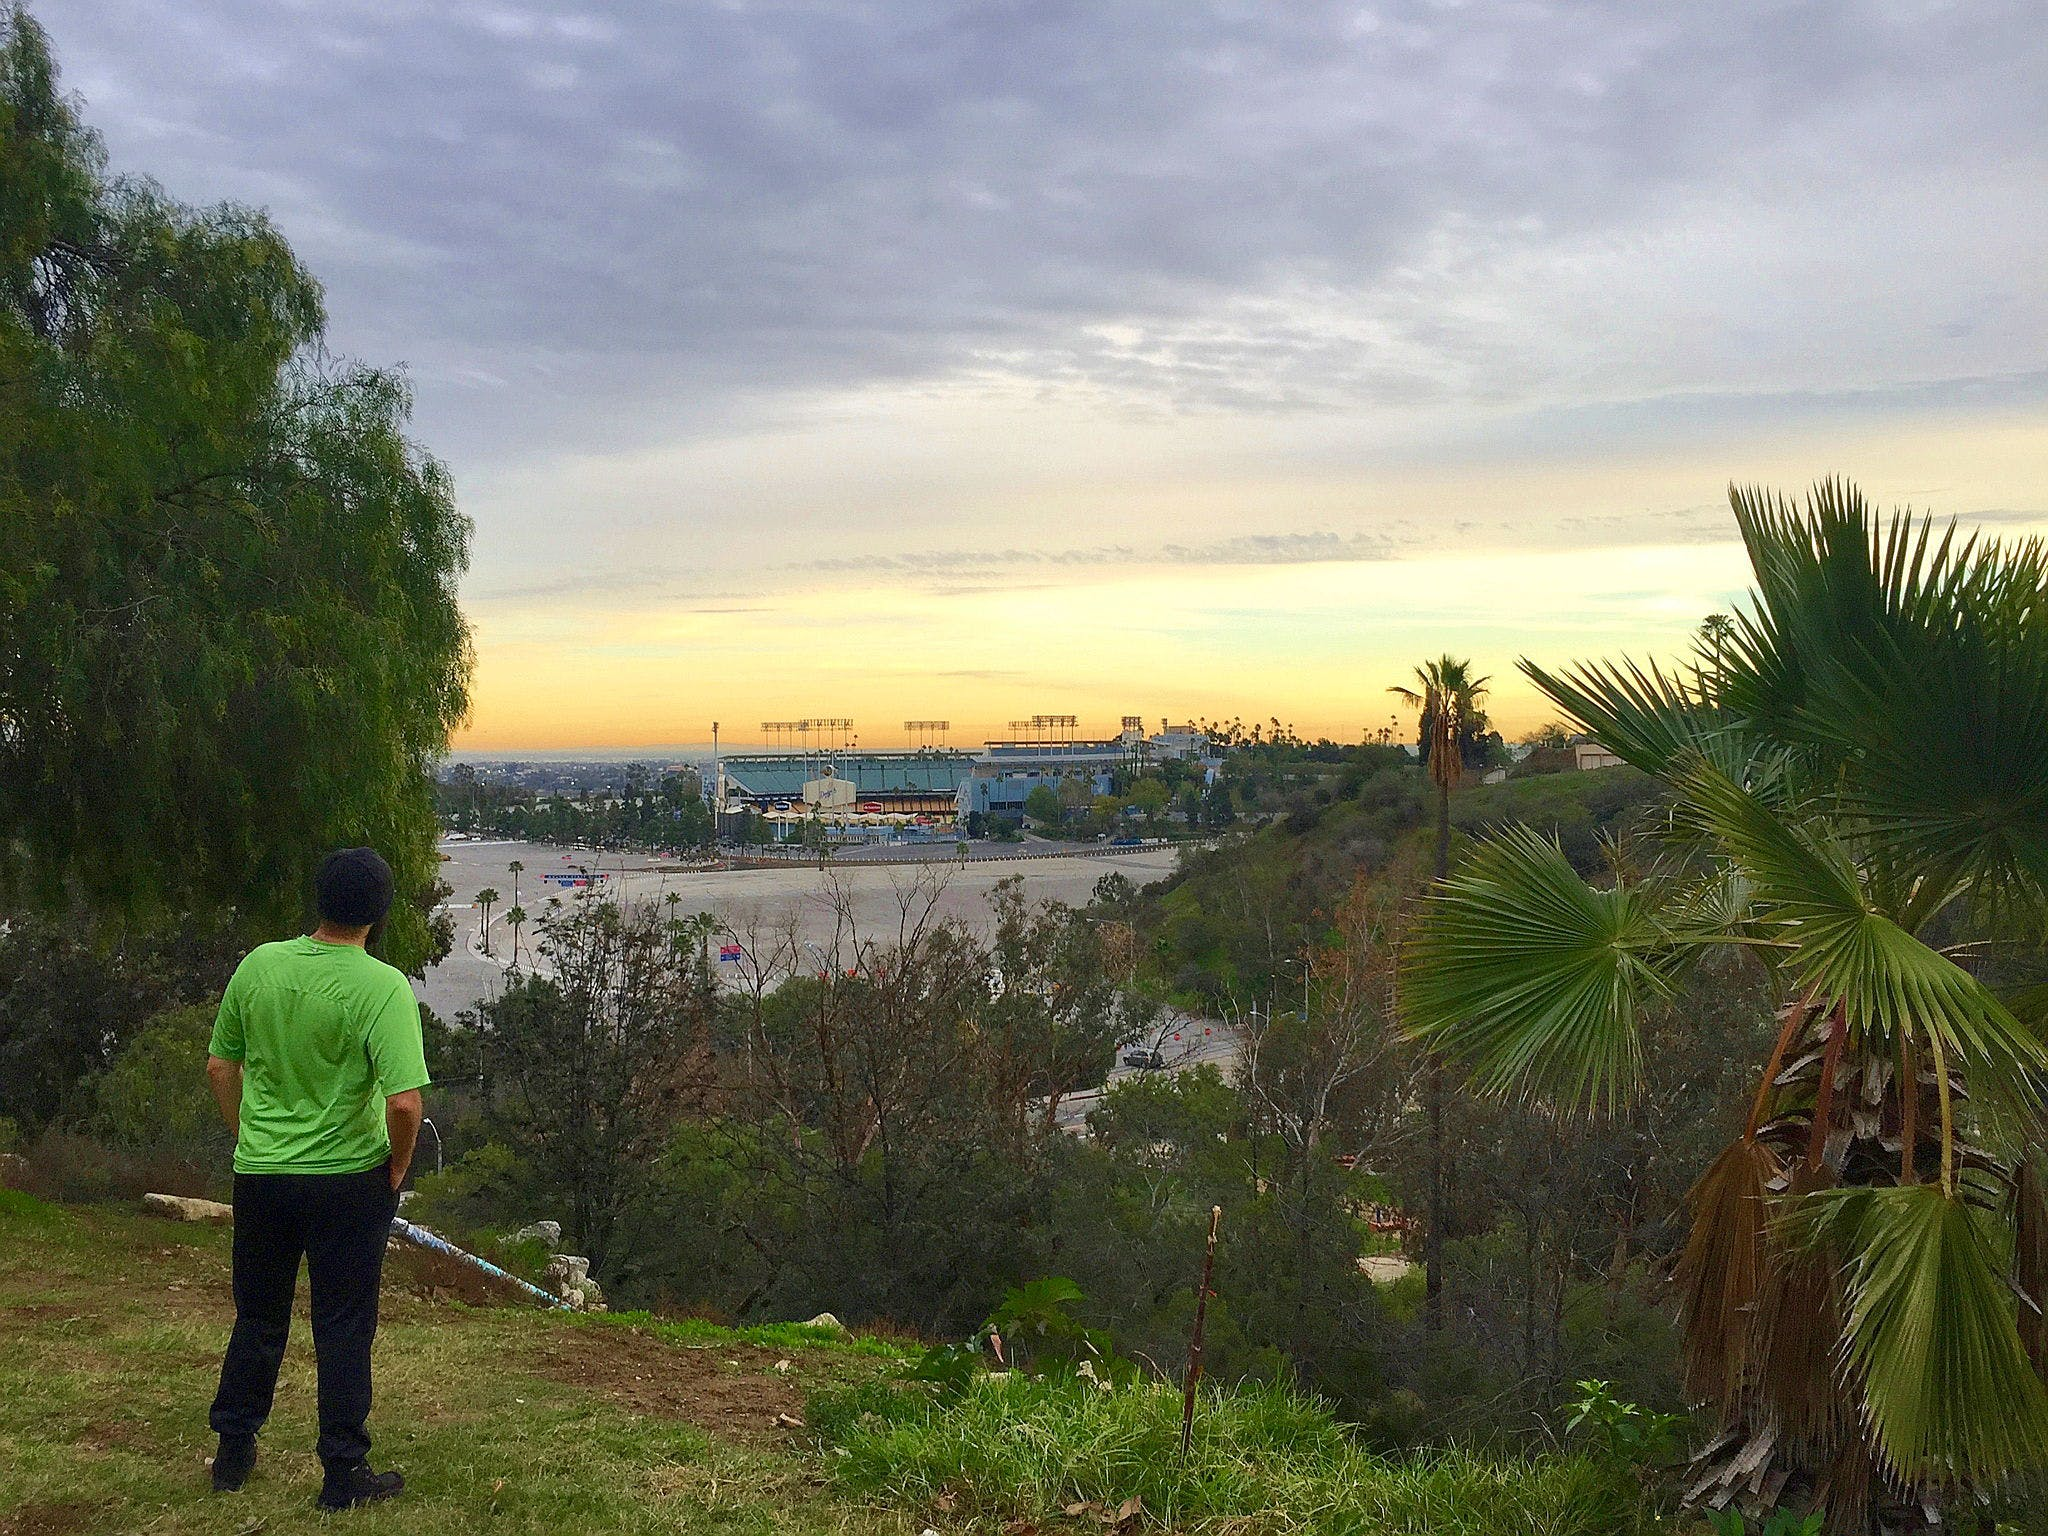 Hike Elysian Park in Los Angeles